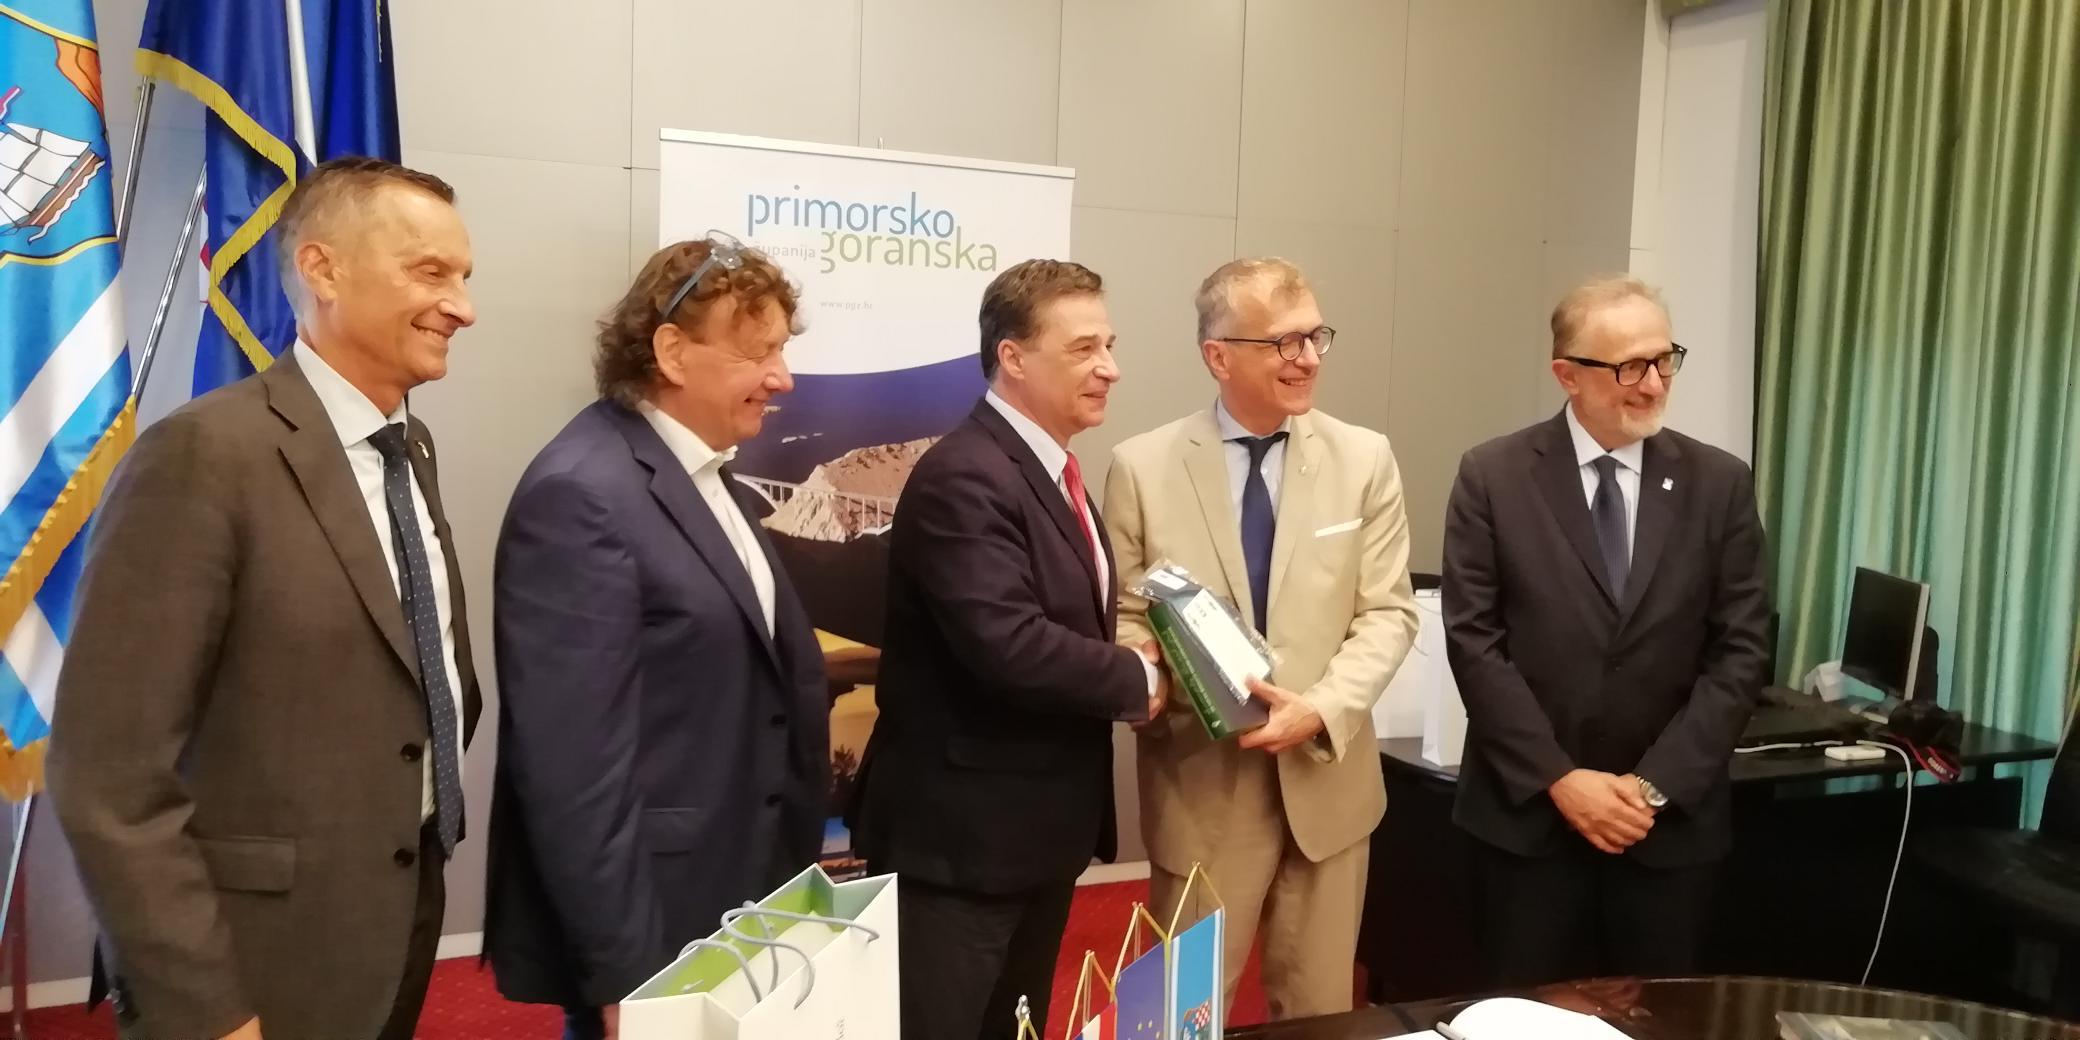 Delegacija Autonomne regije Friuli Venezia Giulia posjetila Primorsko-goransku županiju